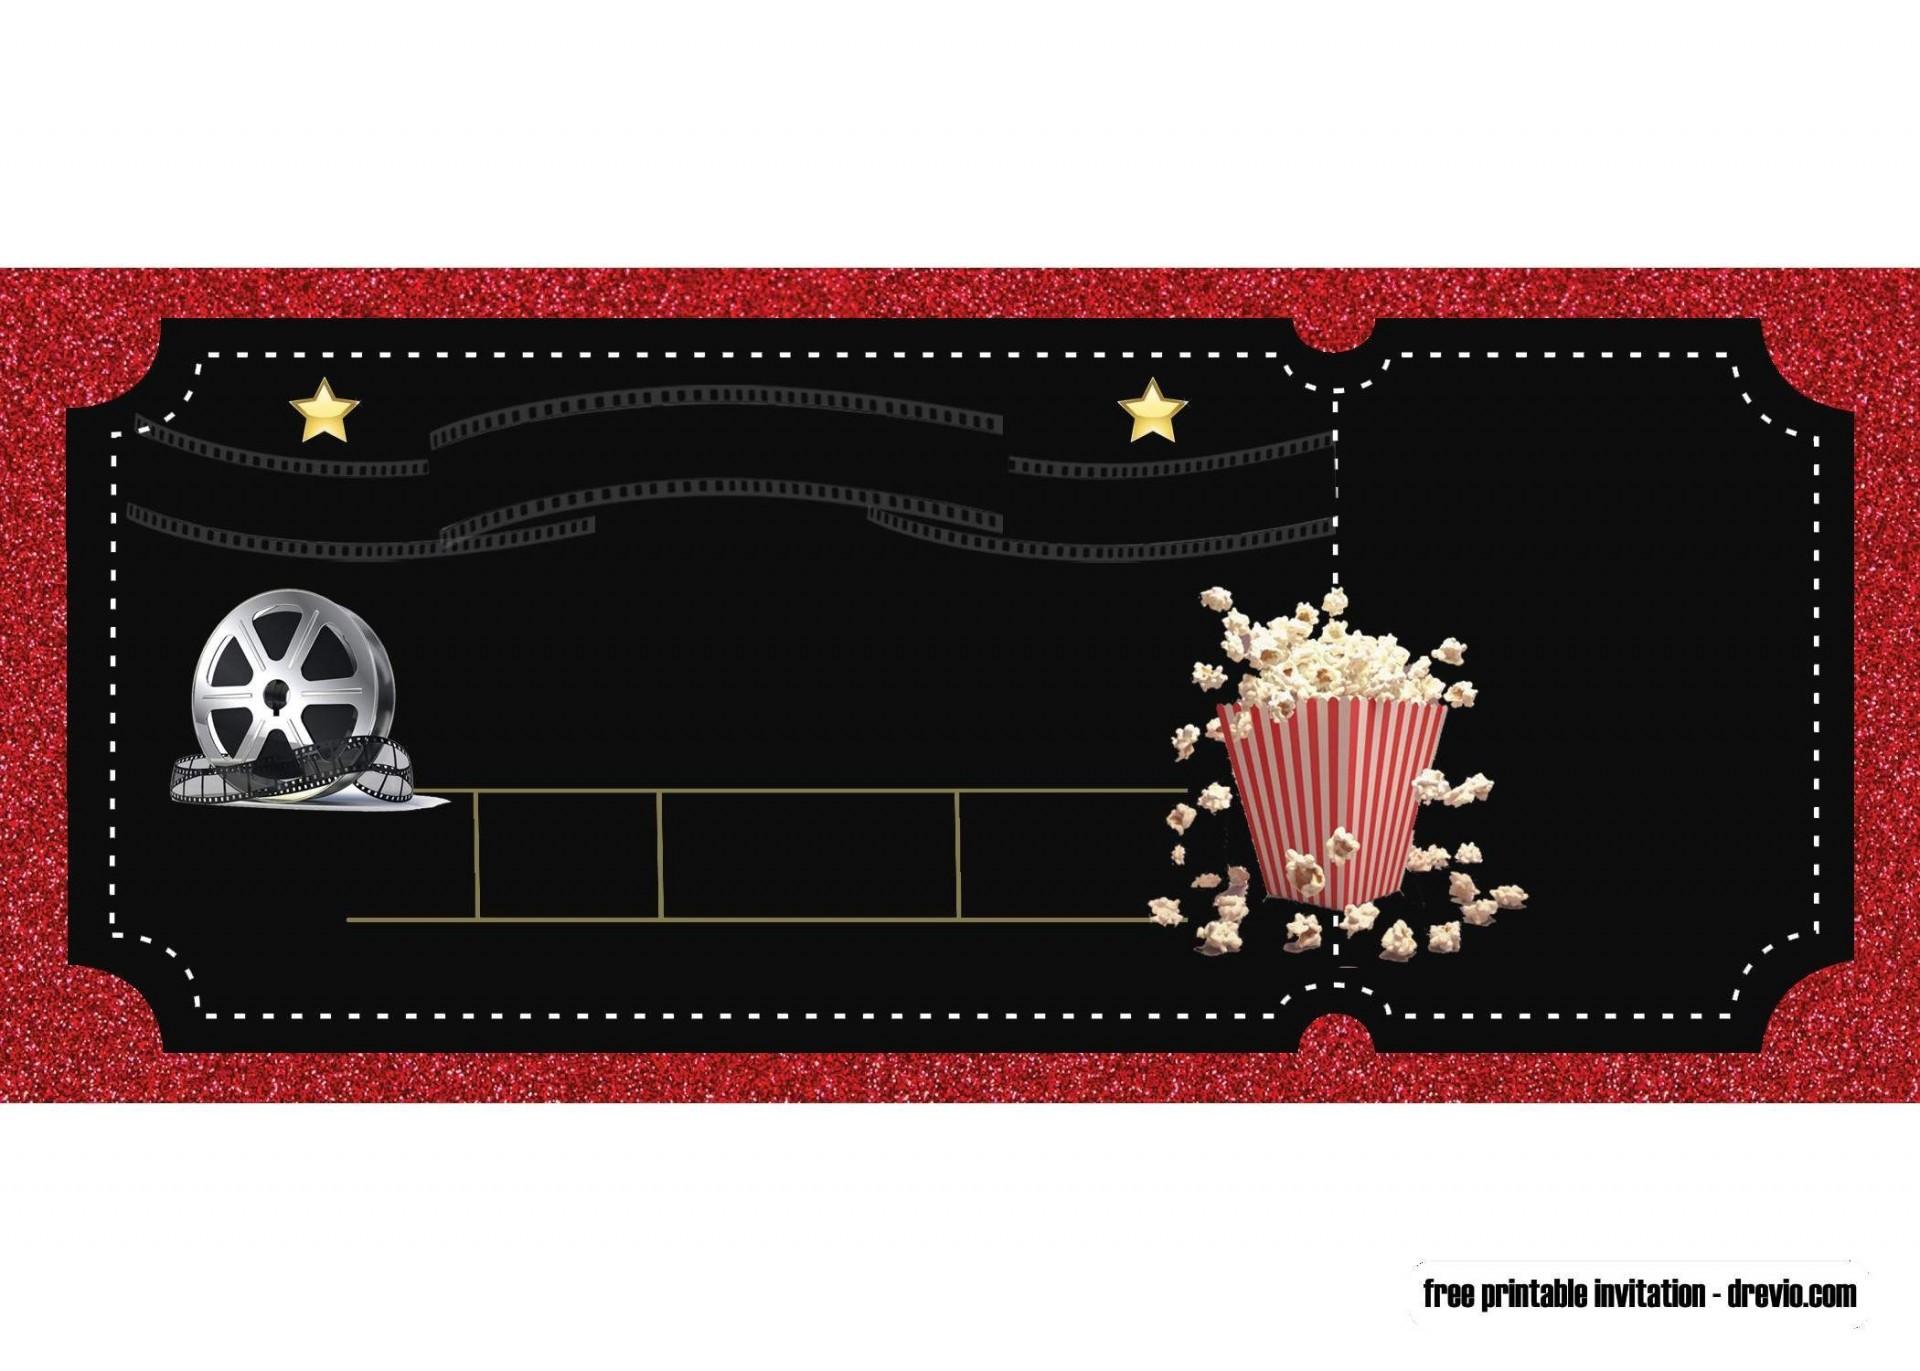 003 Simple Movie Ticket Invitation Template Sample  Blank Free Download Editable Printable1920